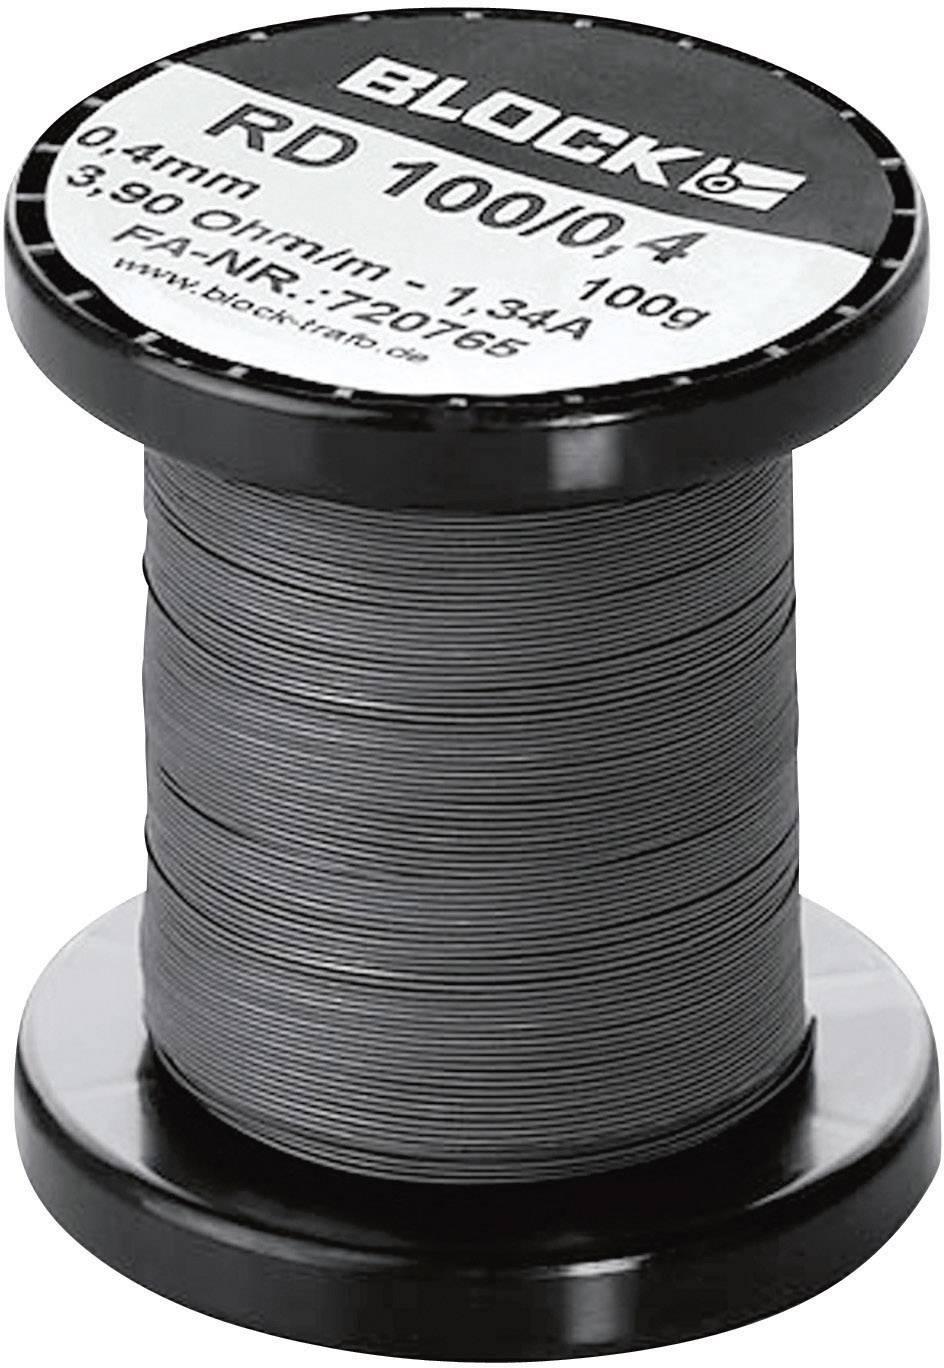 Odporový drôt Block RD 100/3,0, 0.069 Ω/m, 1.5 m